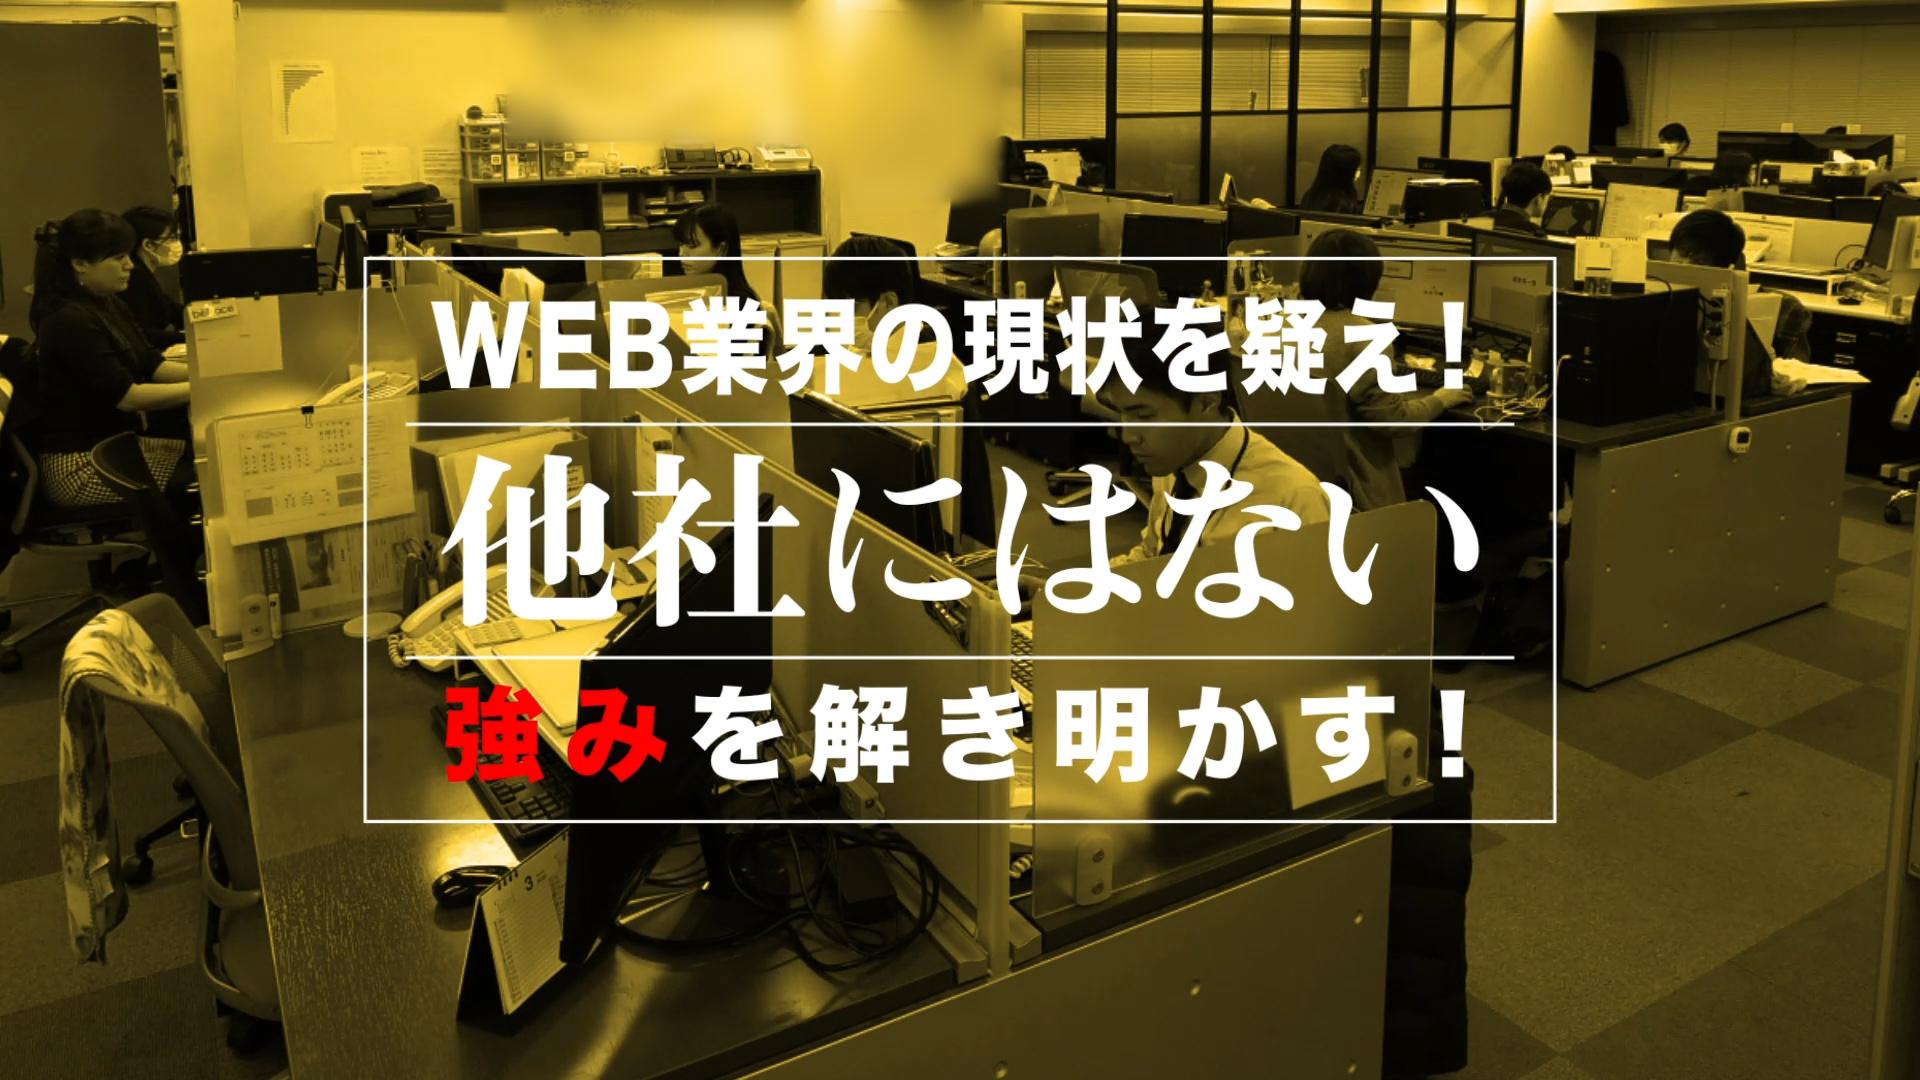 【ステージグループ】WEB業界の常識を疑え!PCを使わない創業者